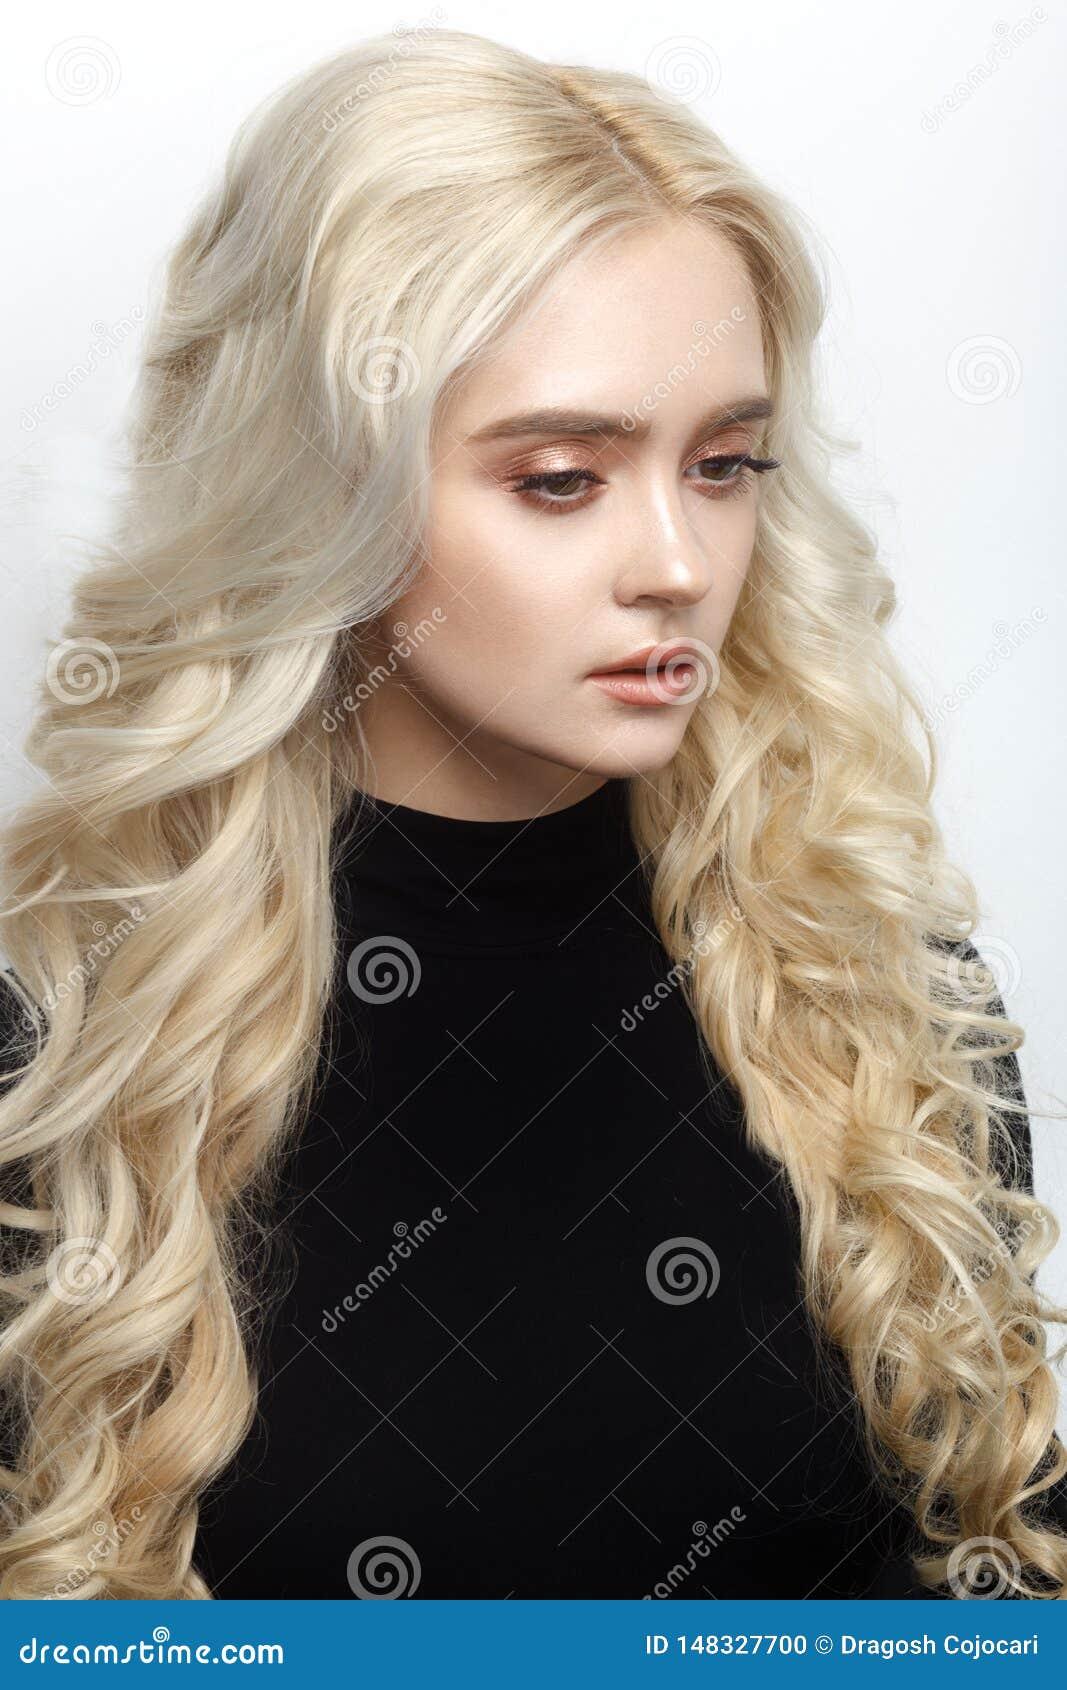 Profilståenden av en kvinna med den lockiga blonda frisyren i svart förkläde som är mjuk utgör, isolerat på en vit bakgrund